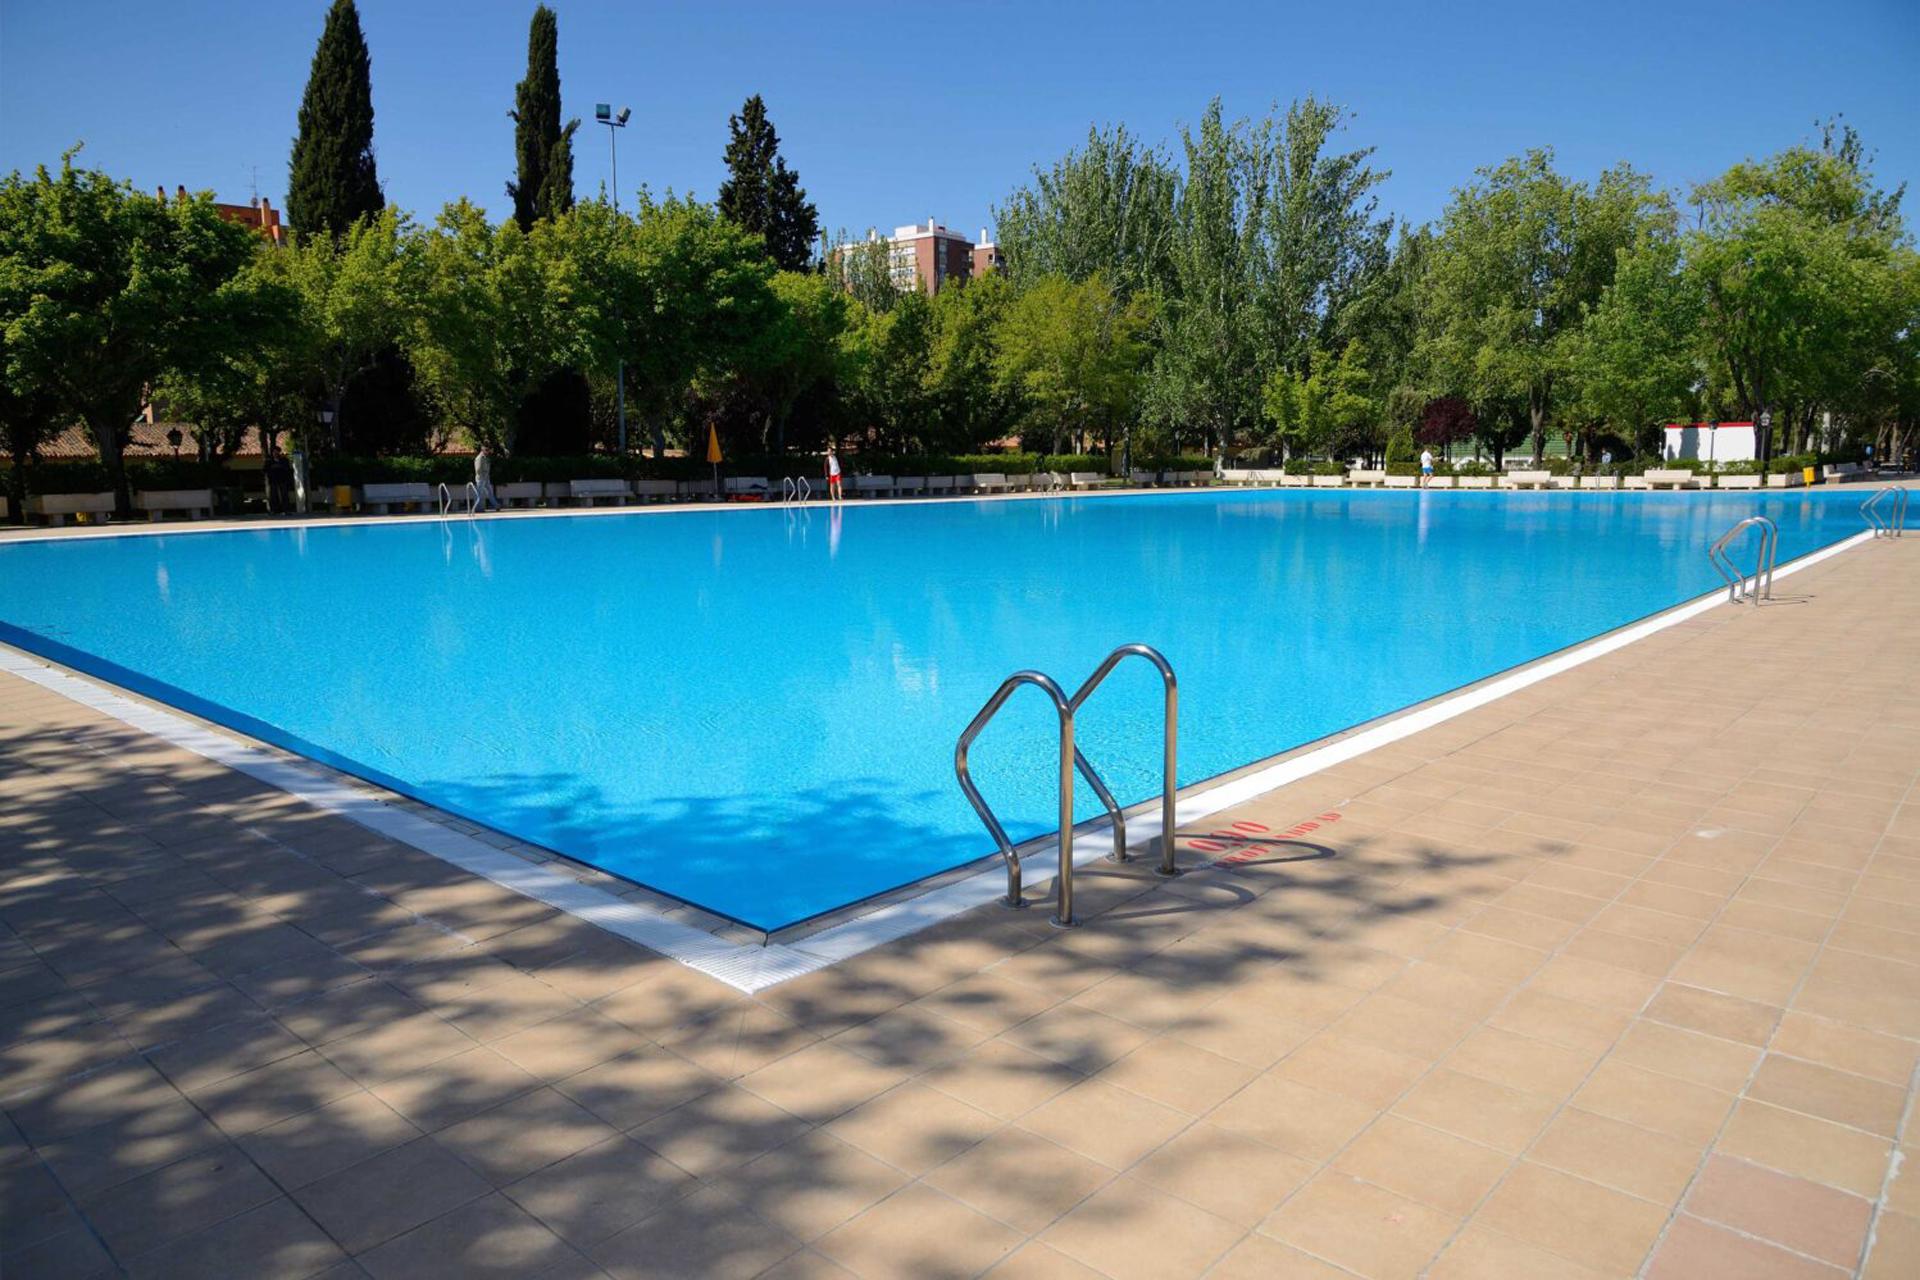 Piscinas de verano de Madrid